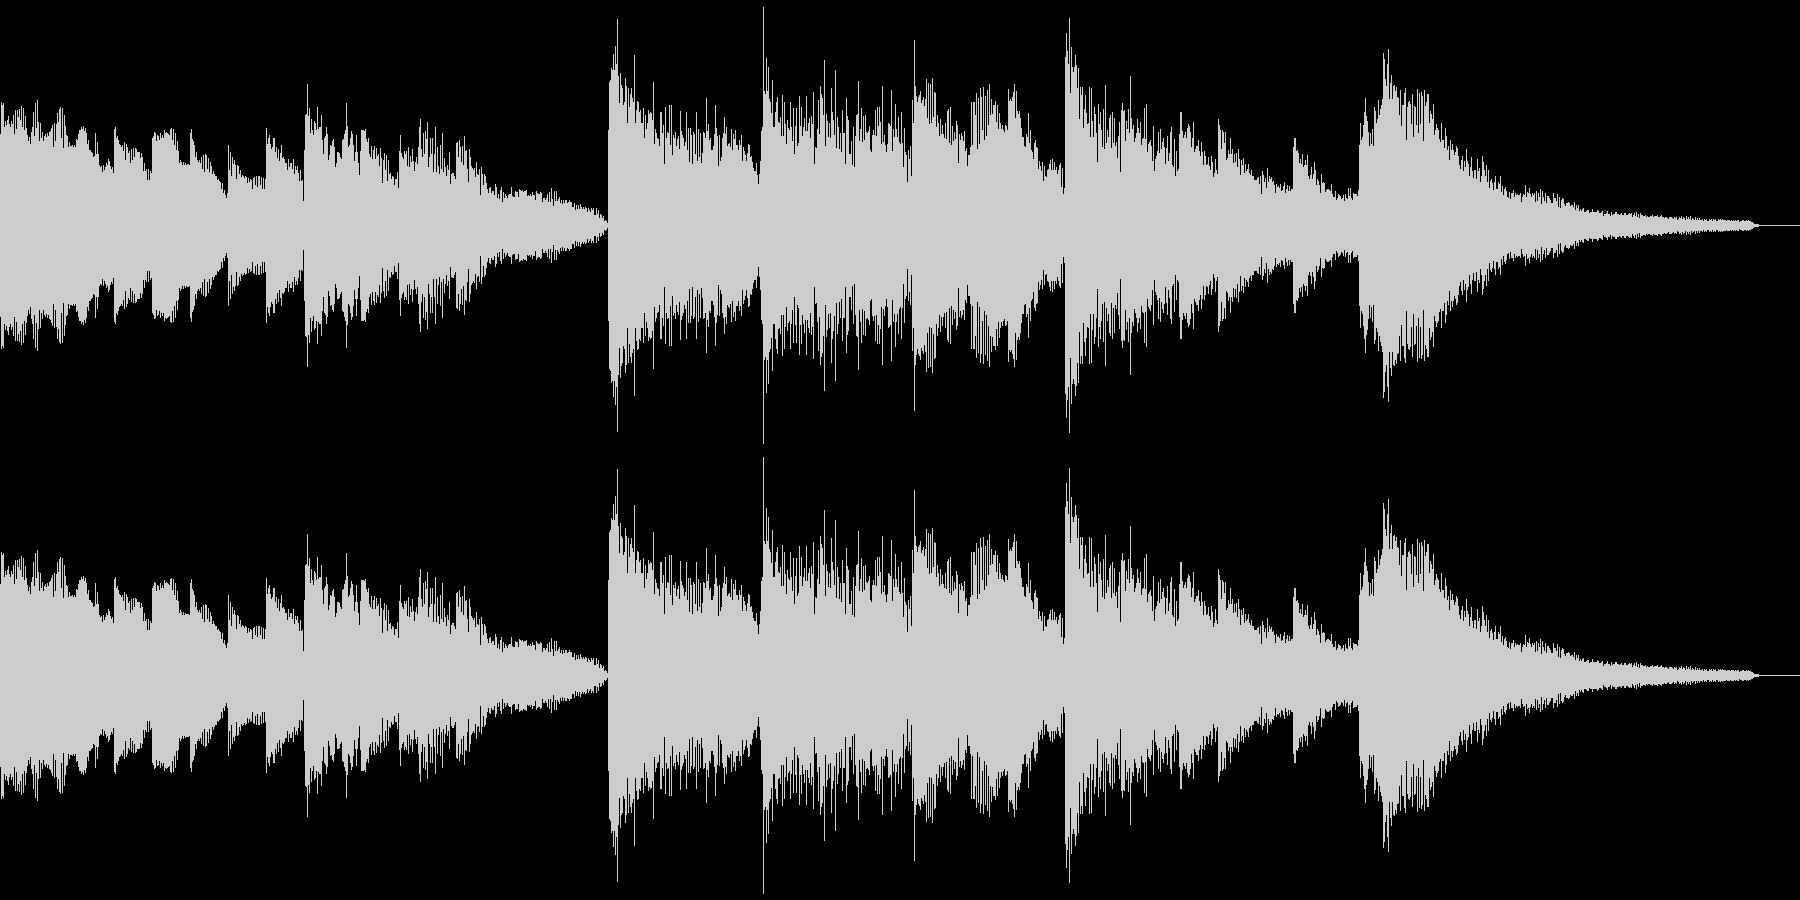 エレクトリックピアノで作ったジングルの未再生の波形